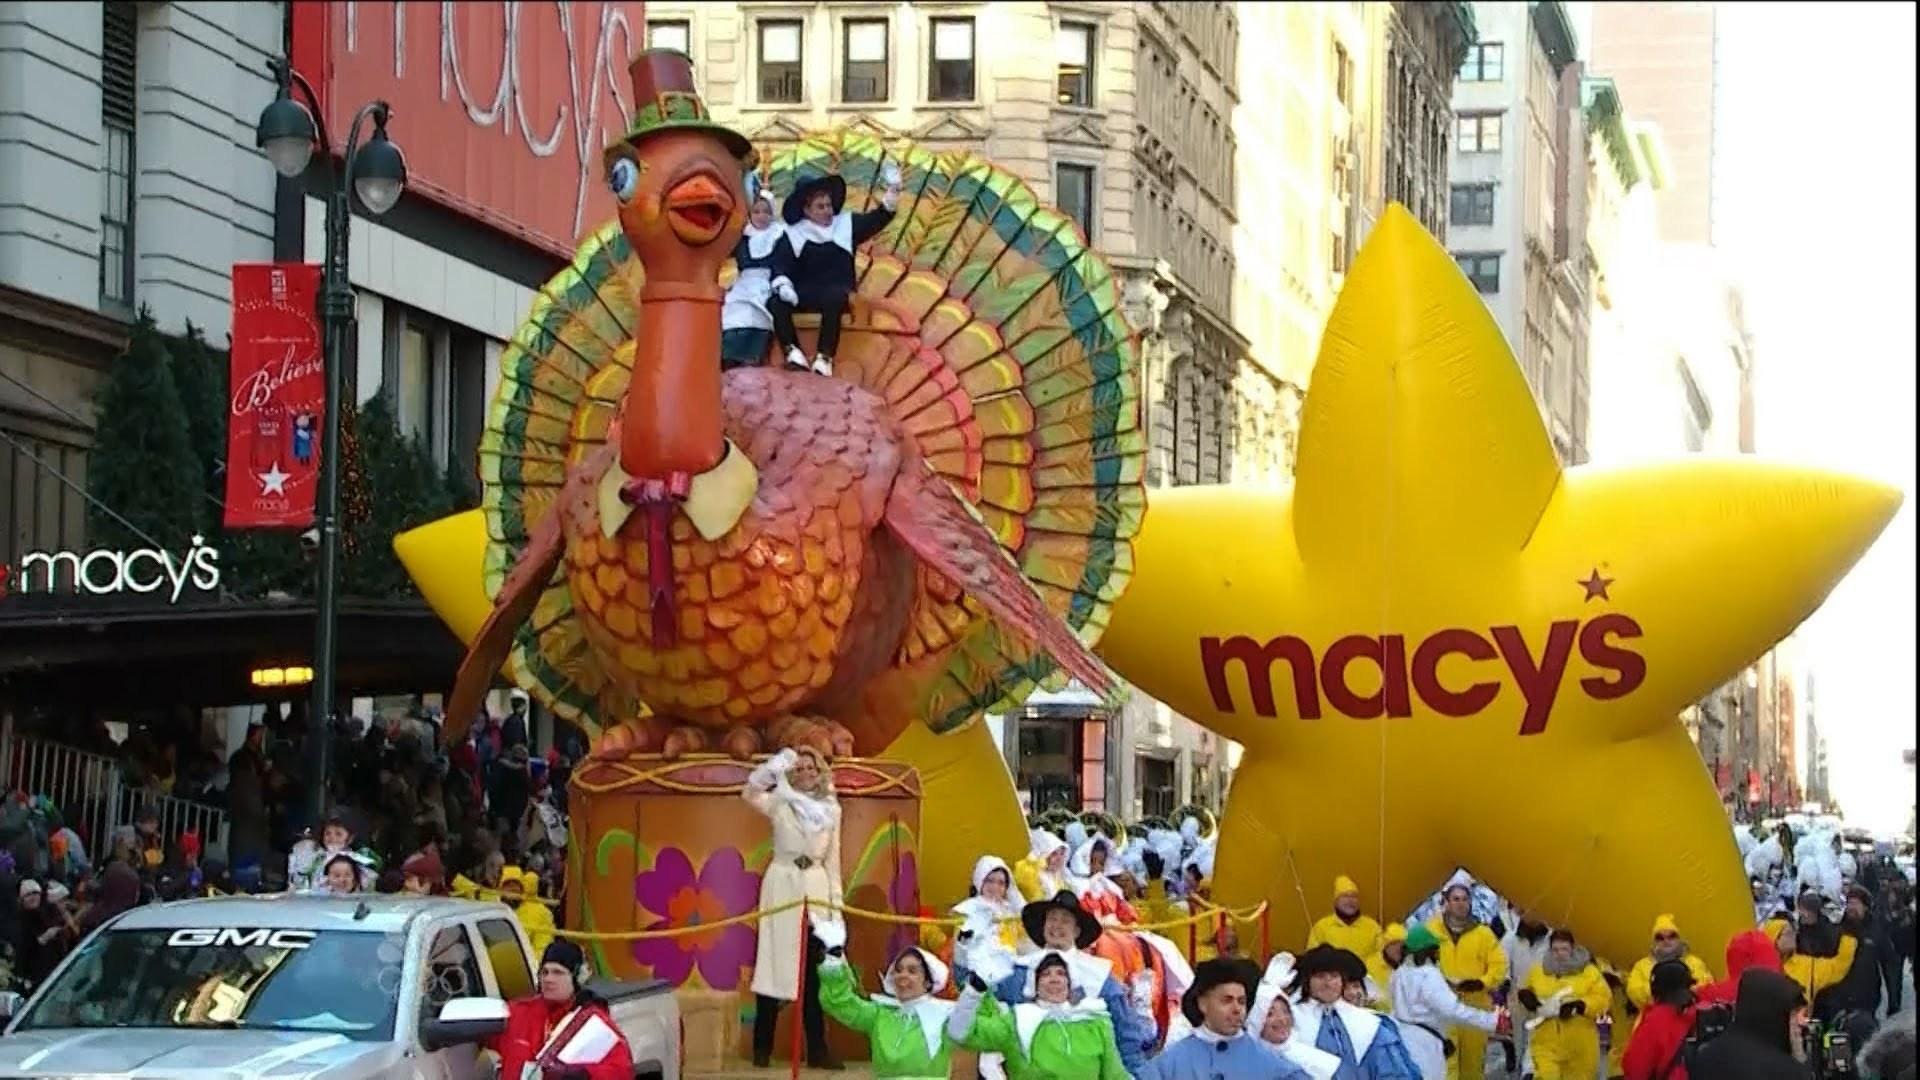 hc-ugc-article-macys-thanksgiving-day-parade-bus-trip-2015-11-13.jpg